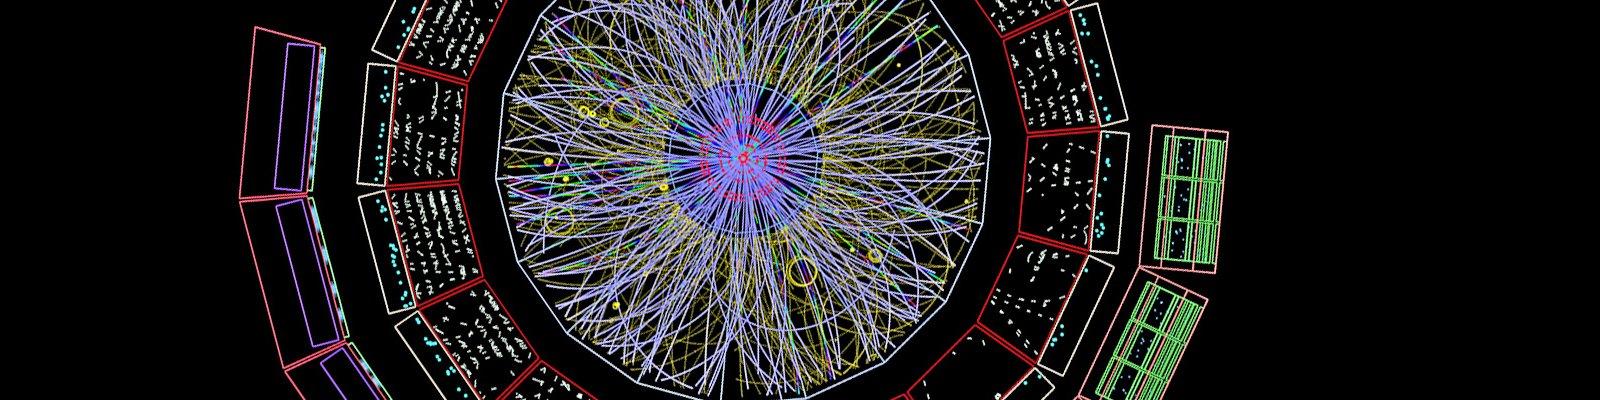 Institute for Subatomic Physics